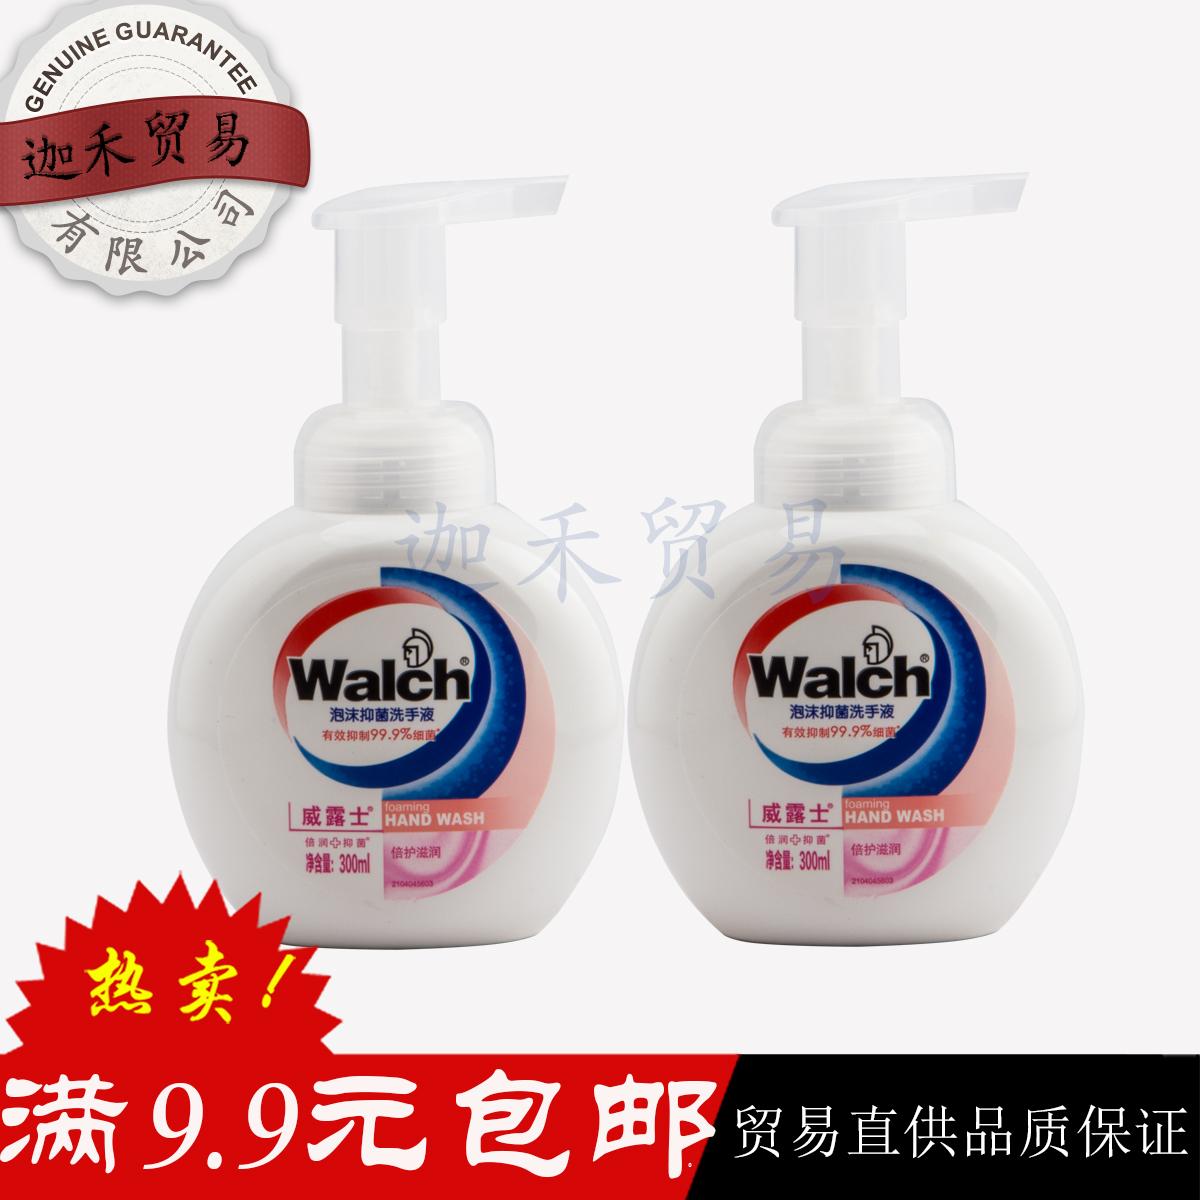 威露士倍护滋润泡沫抑菌300ML*2瓶装洗手液抑制99.9%细菌魔法泡沫